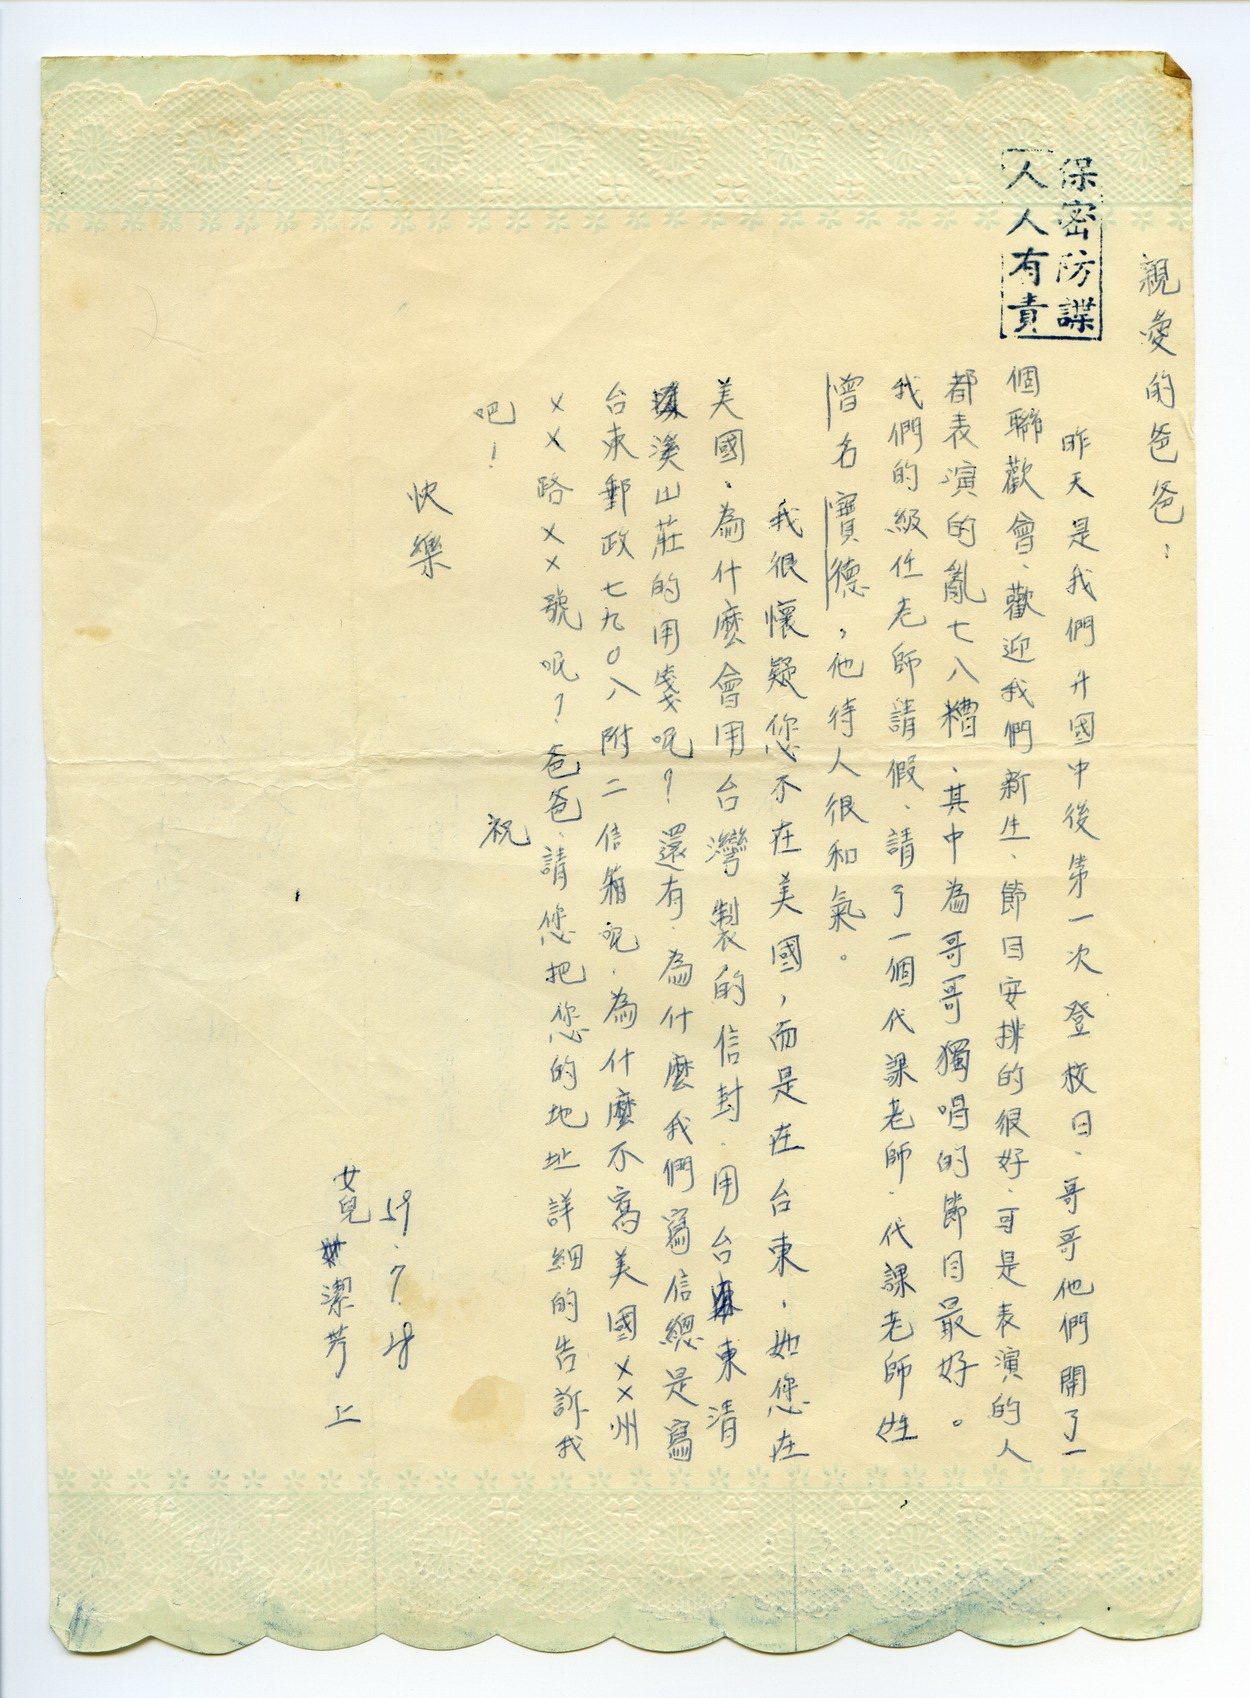 柯旗化的女兒因此質疑父親的來信,為何是臺東郵政某某號信箱,而非美國的地址。